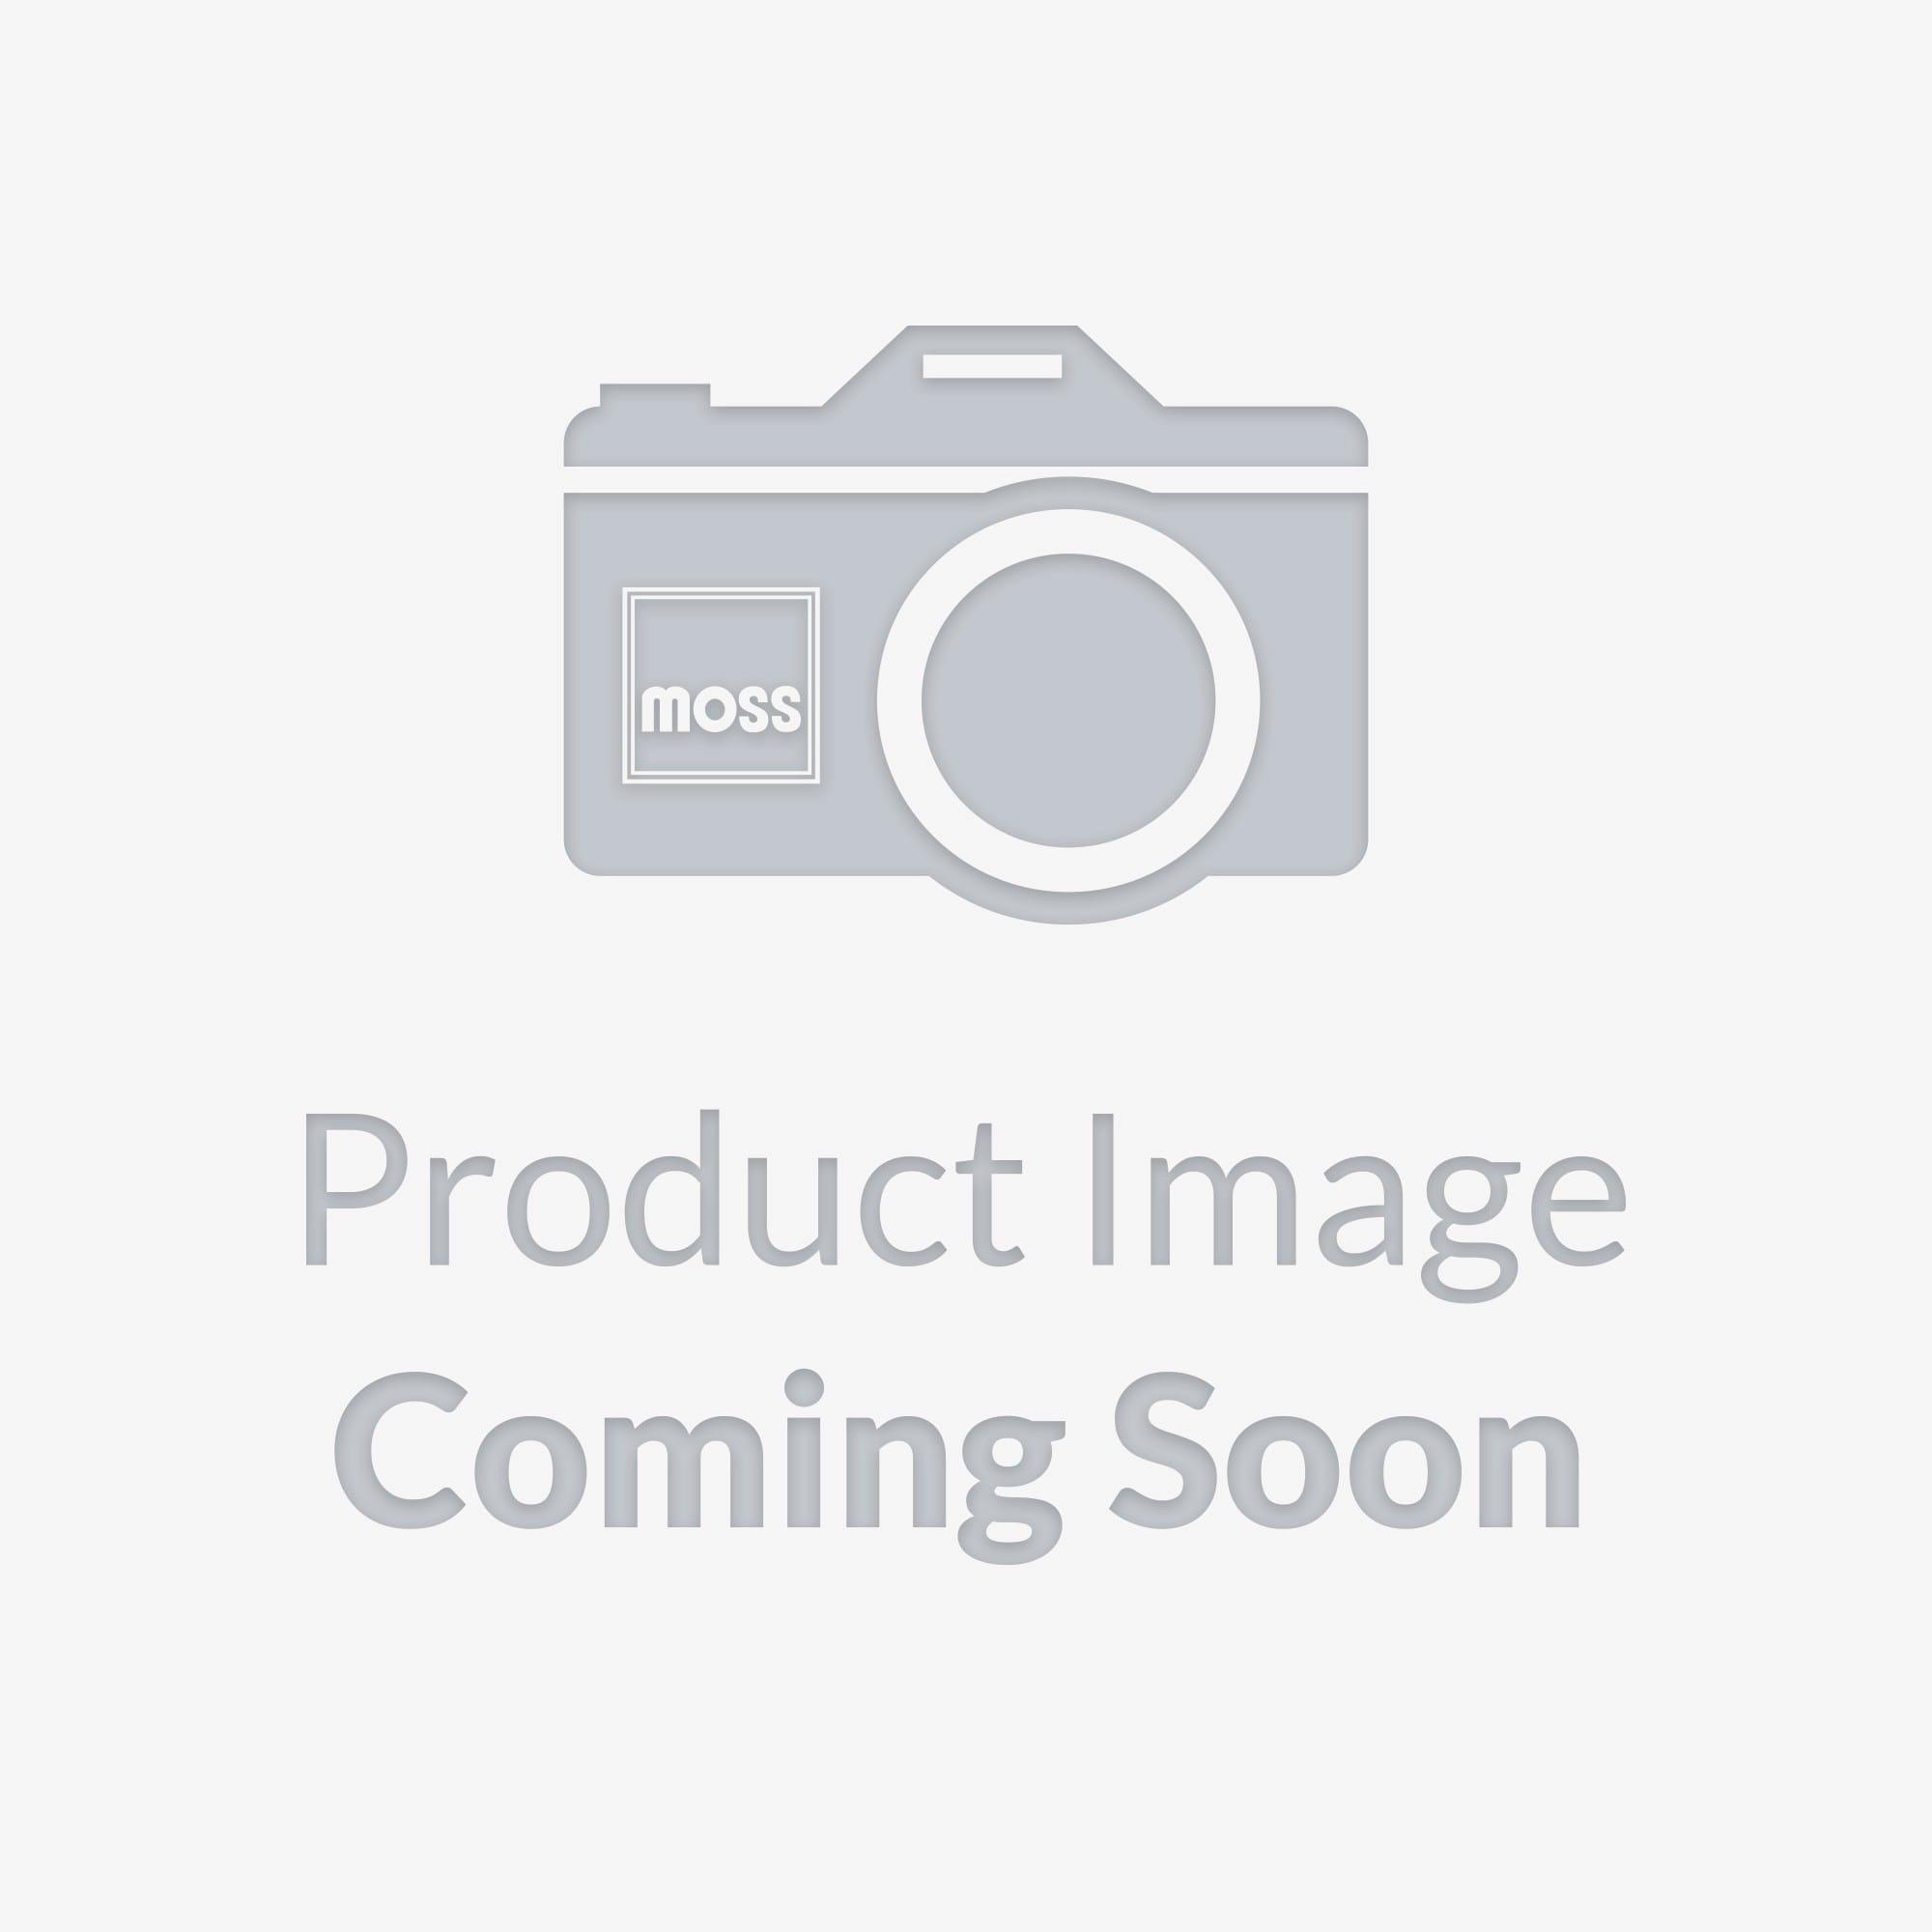 clutch  gearbox  u0026 drivetrain